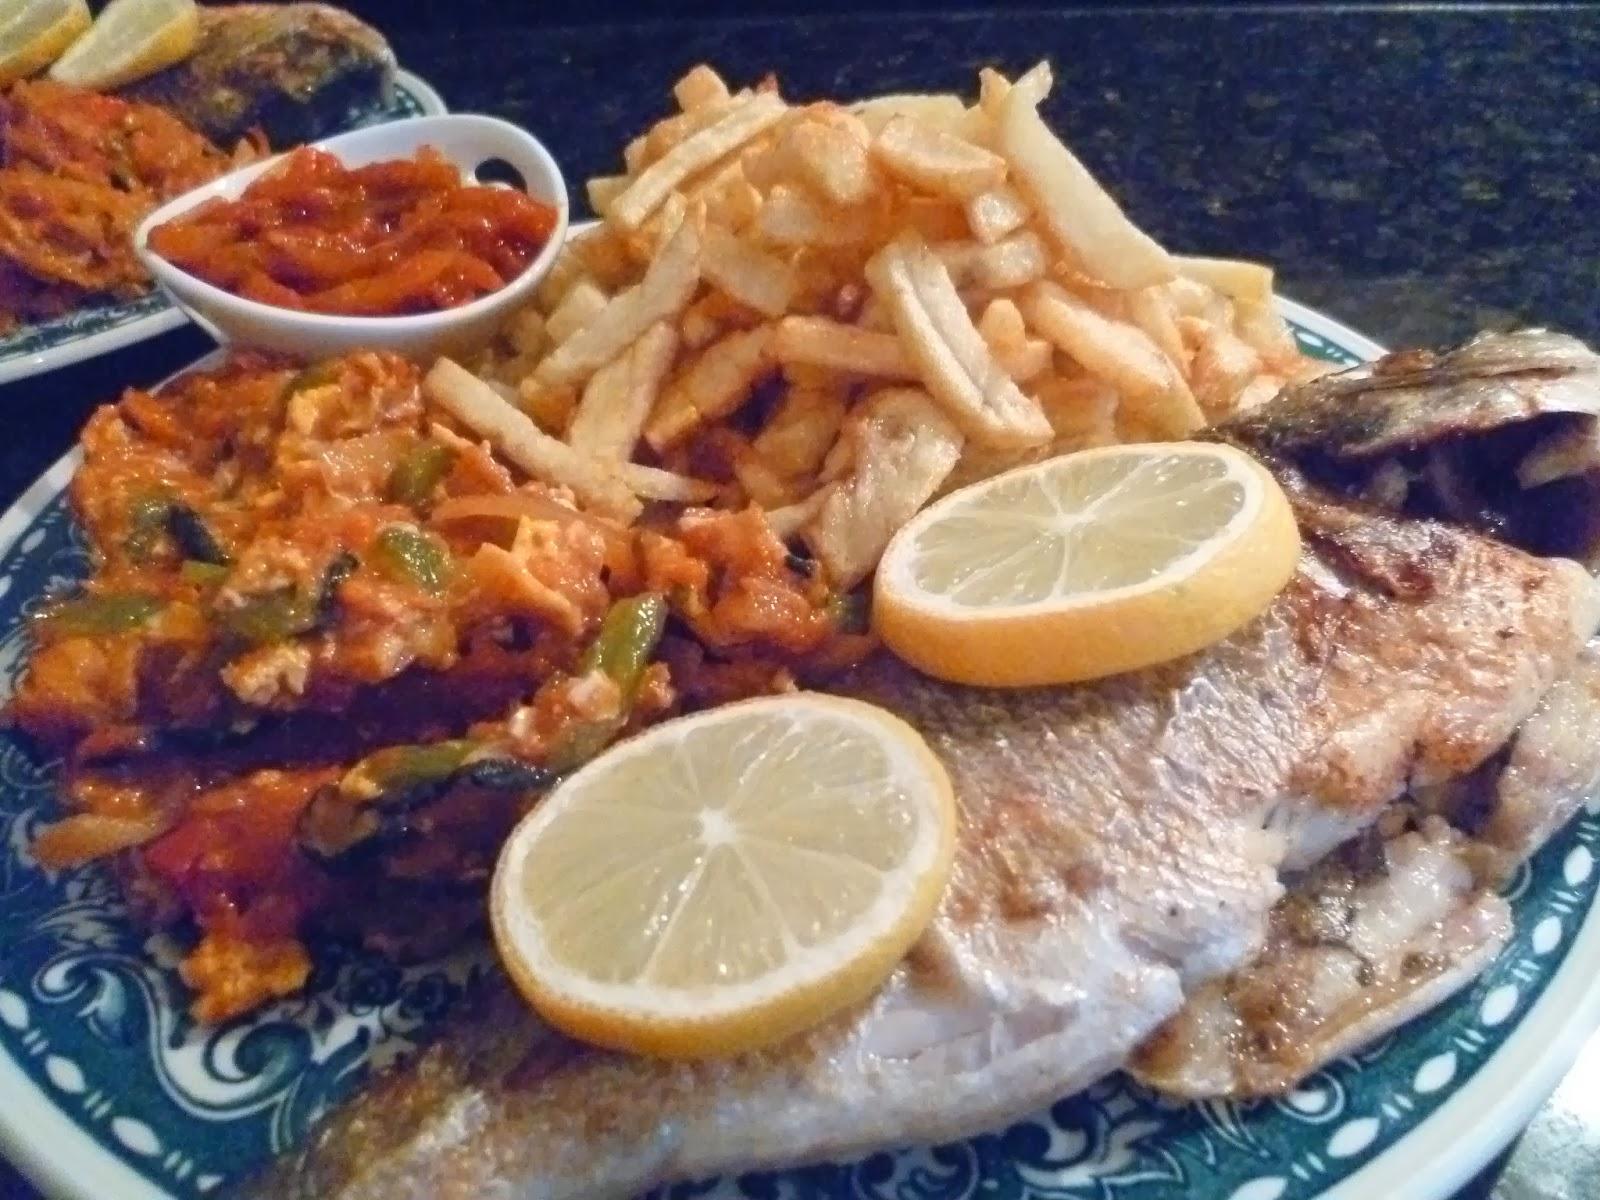 La cuisine de nadia complet poisson tunisien recette film e - Cuisine tunisienne poisson ...